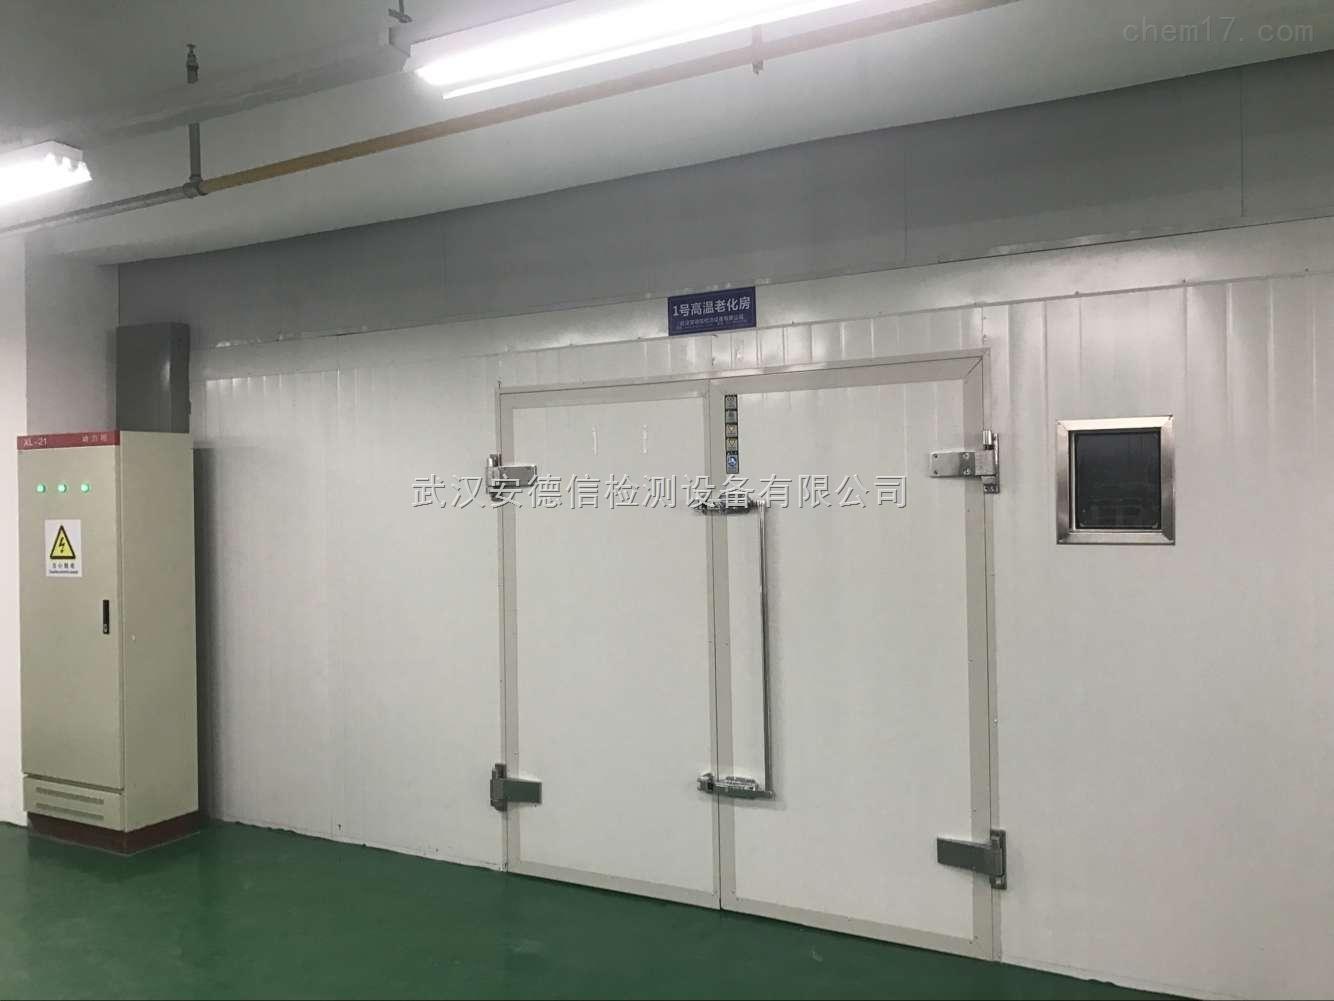 adx-bir-10电路板高温老化房